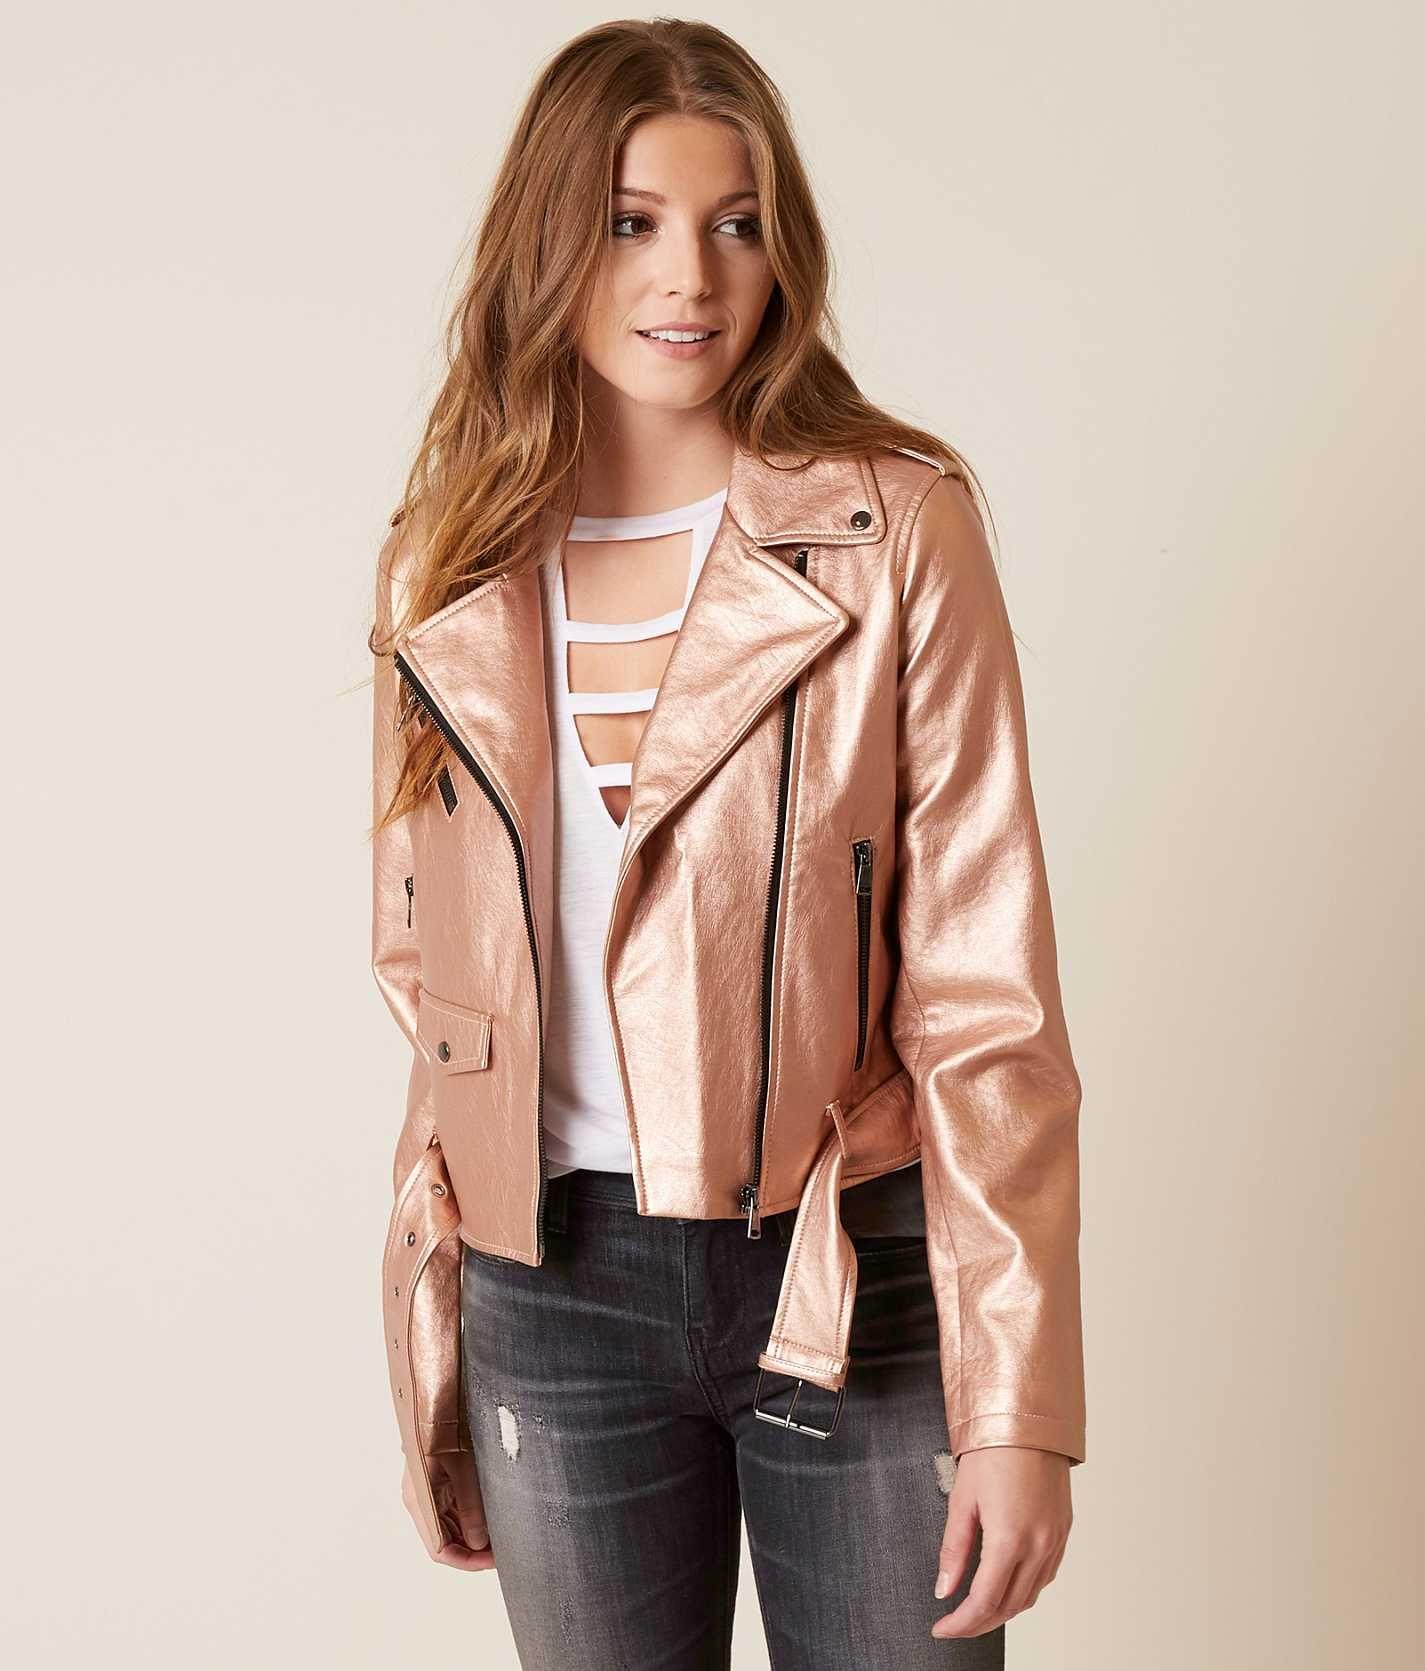 Bnci Metallic Moto Jacket Women S Coats Jackets In Rose Gold Buckle Jackets For Women Womens Moto Jacket Jackets [ 1671 x 1425 Pixel ]